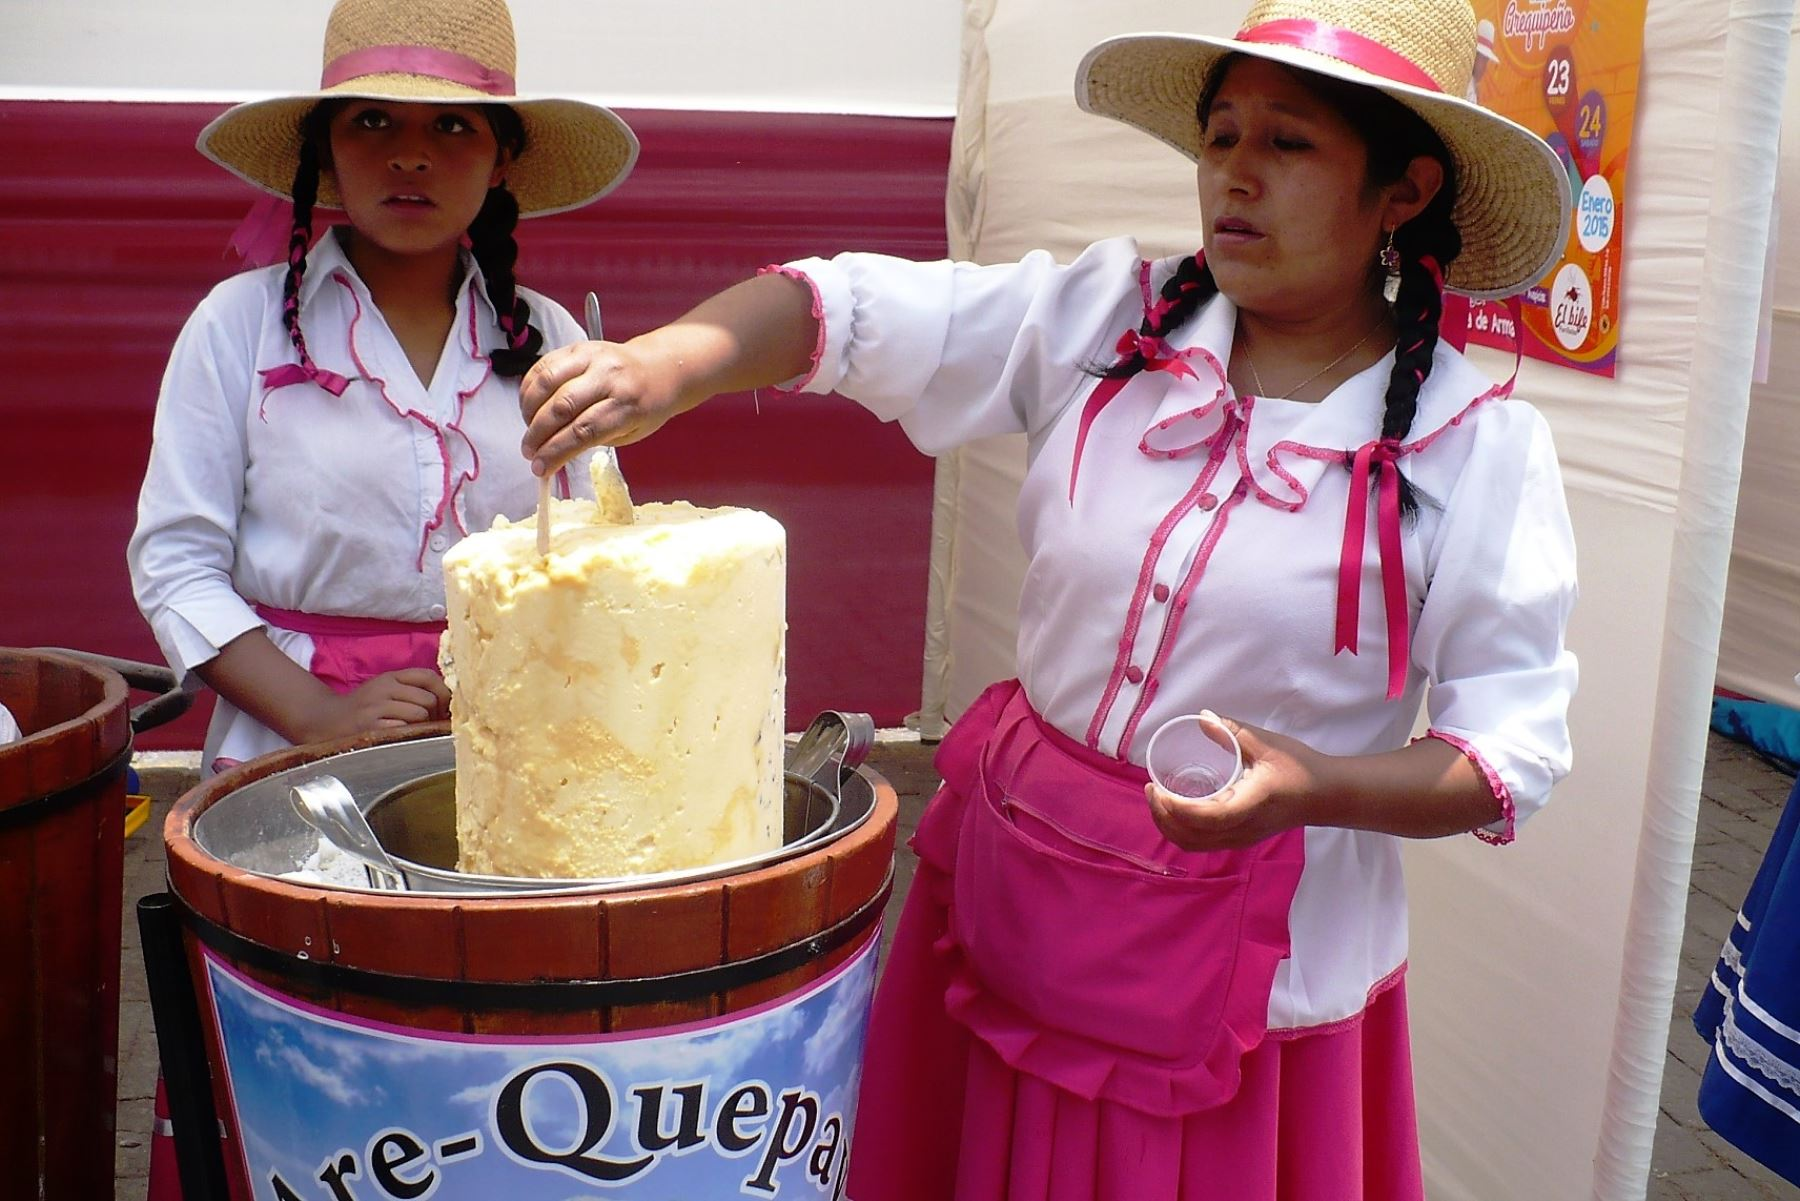 Venta de queso helado